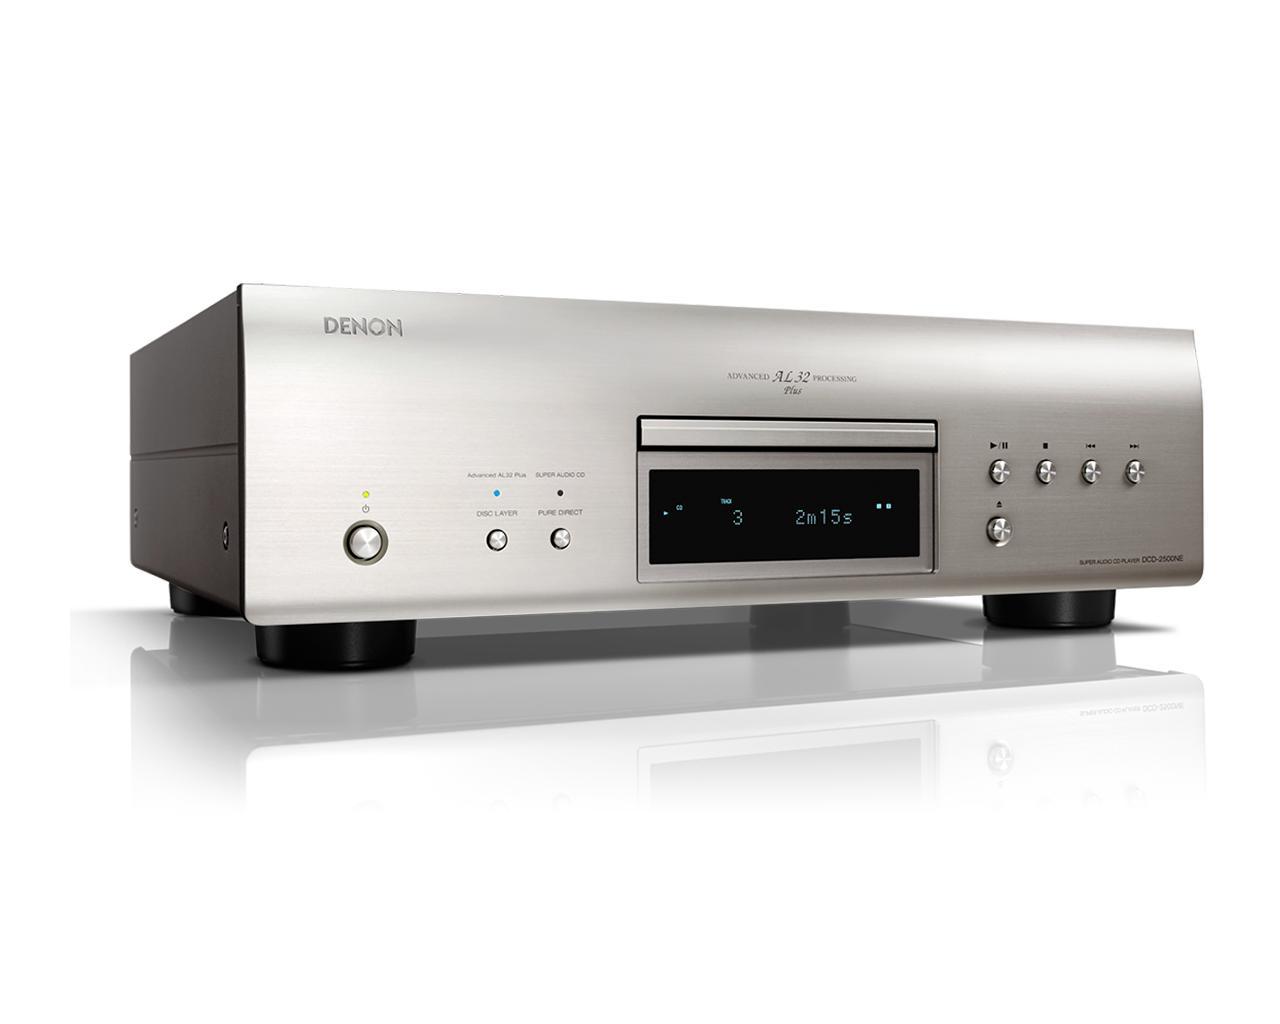 画像: Denon公式   DCD-2500NEの仕様・特長   スーパーオーディオCDプレーヤー